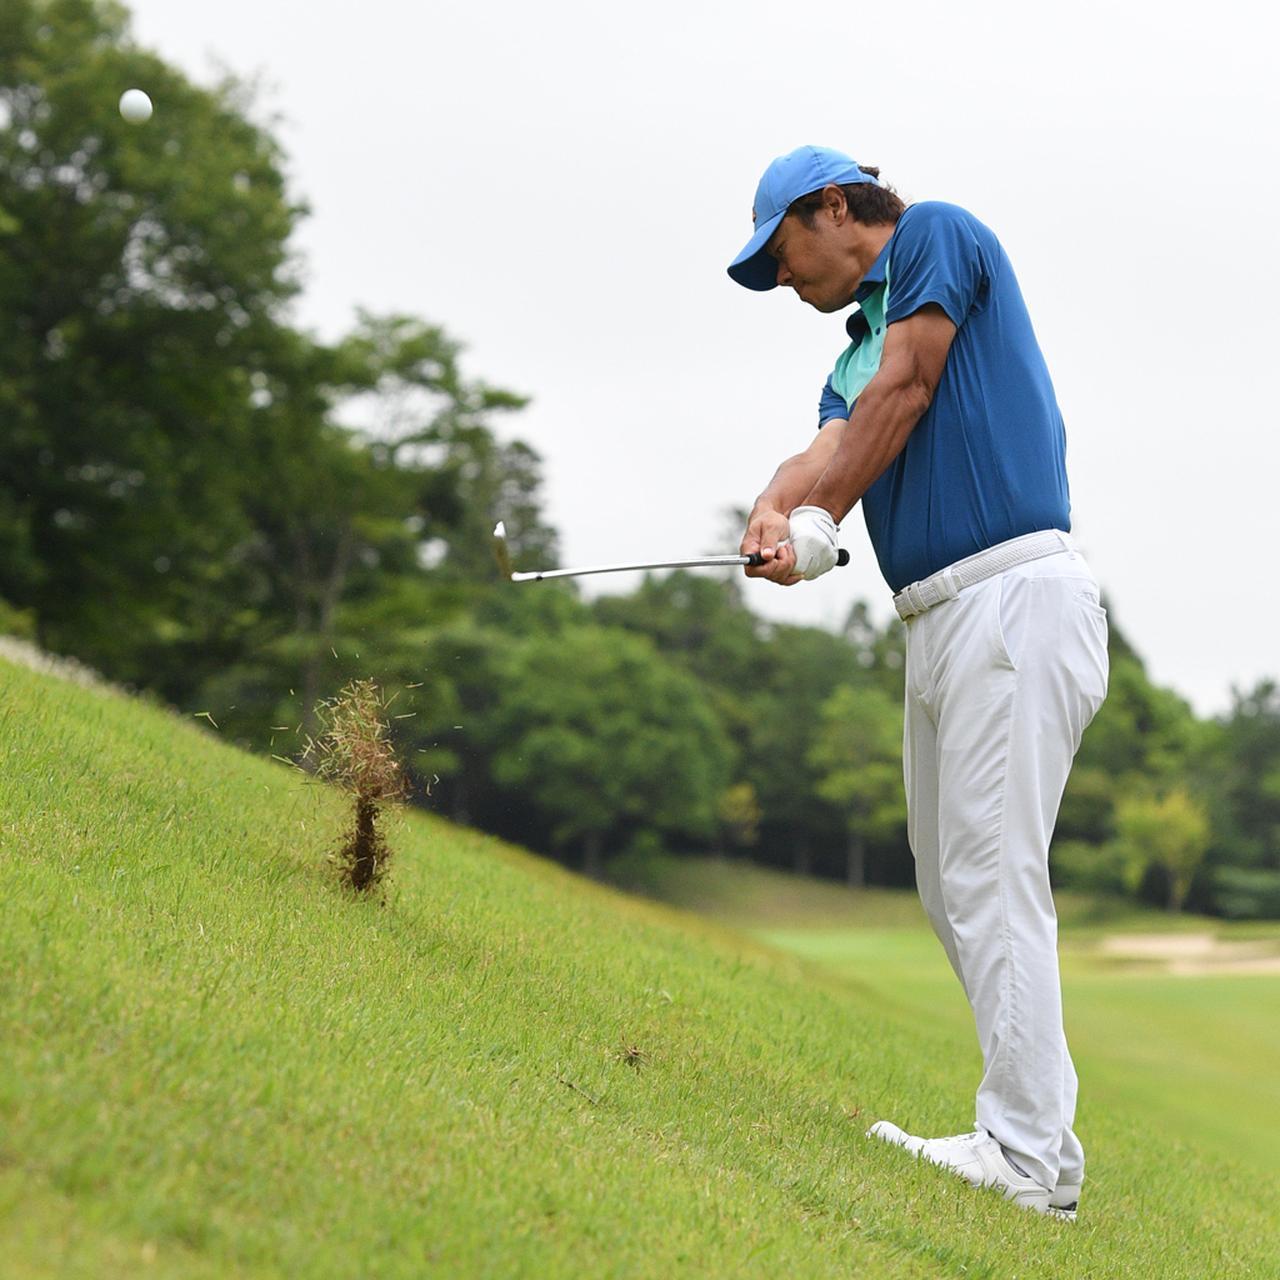 画像3: 【傾斜地アイアン】夏ゴルフ、つま先上がりの斜面ラフに止まった。かなりの急傾斜から上手く打つには…。(後編)